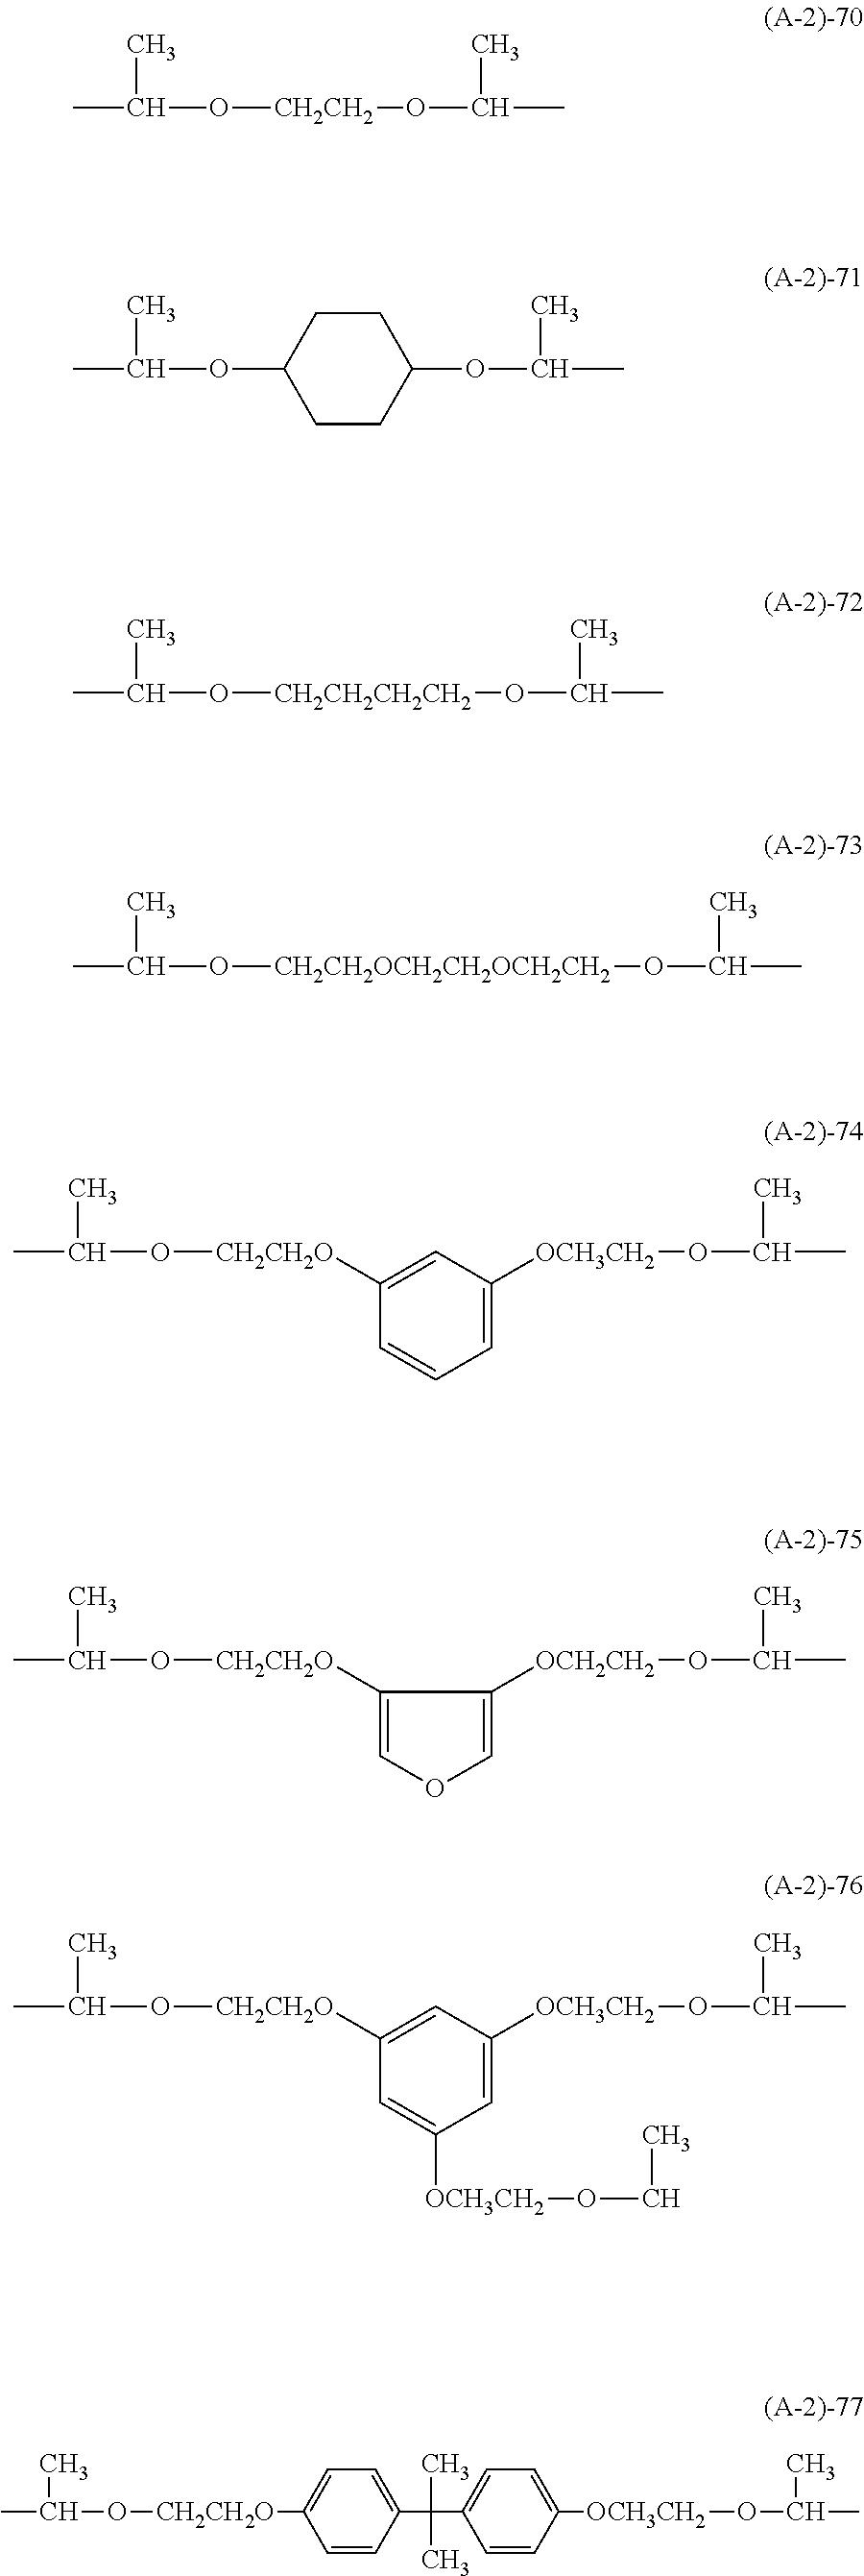 Figure US20110294070A1-20111201-C00027